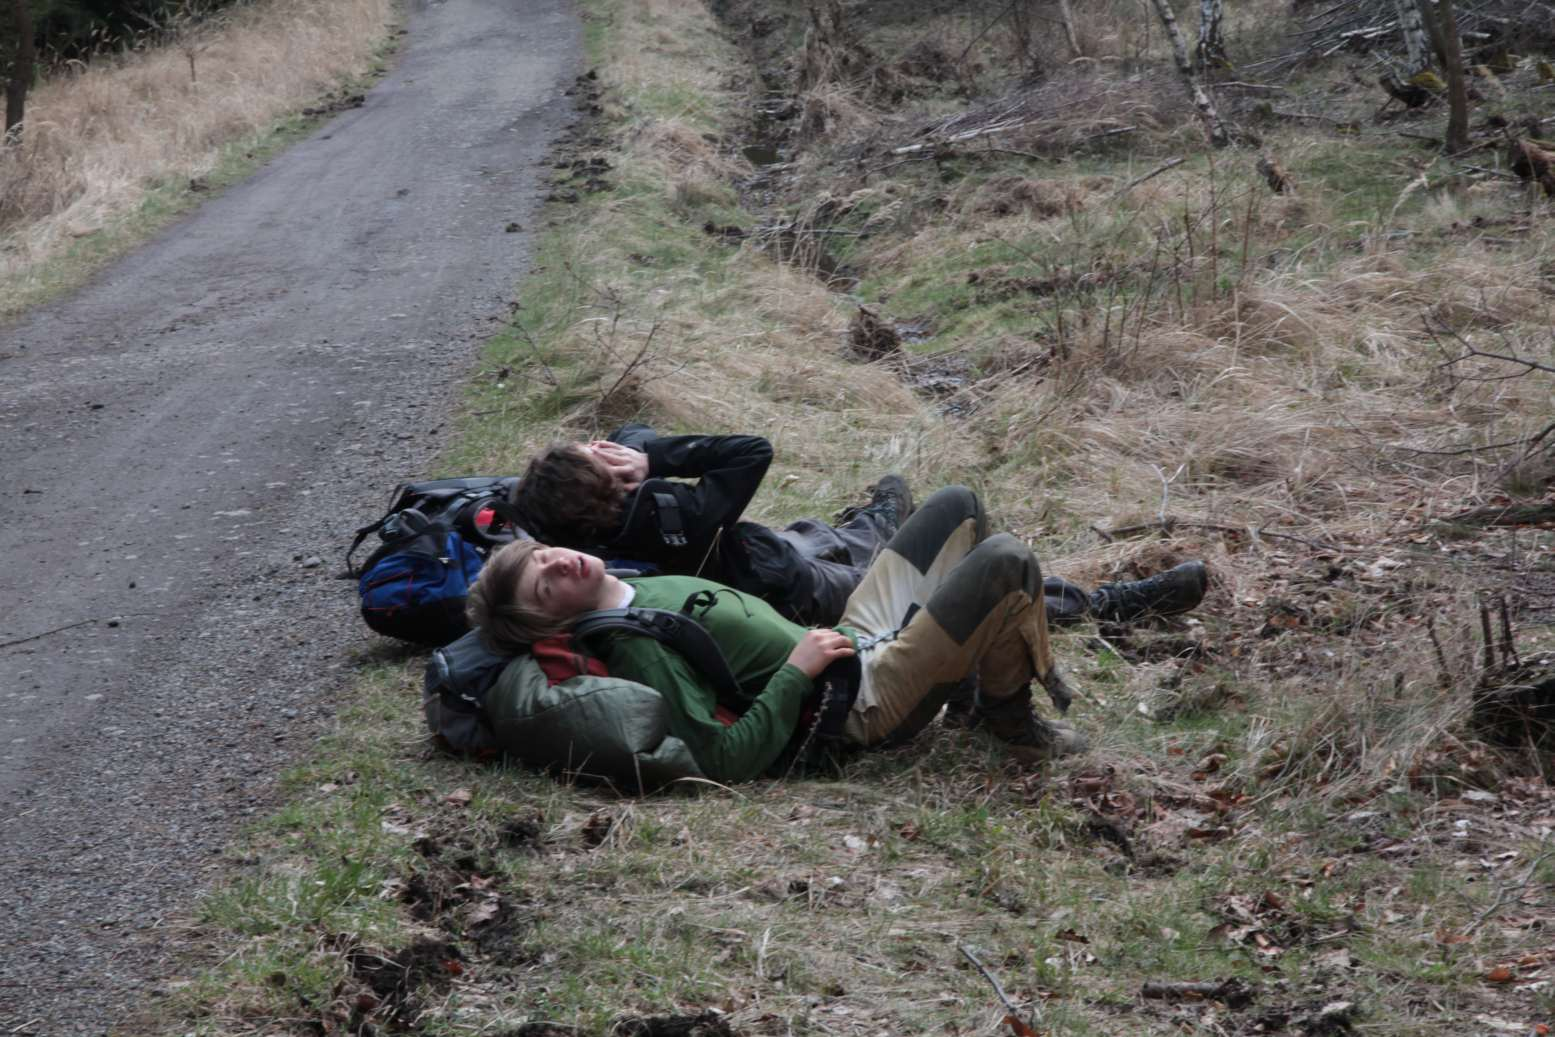 Každá volná chvilka po cestě se musí využít k odpočinku